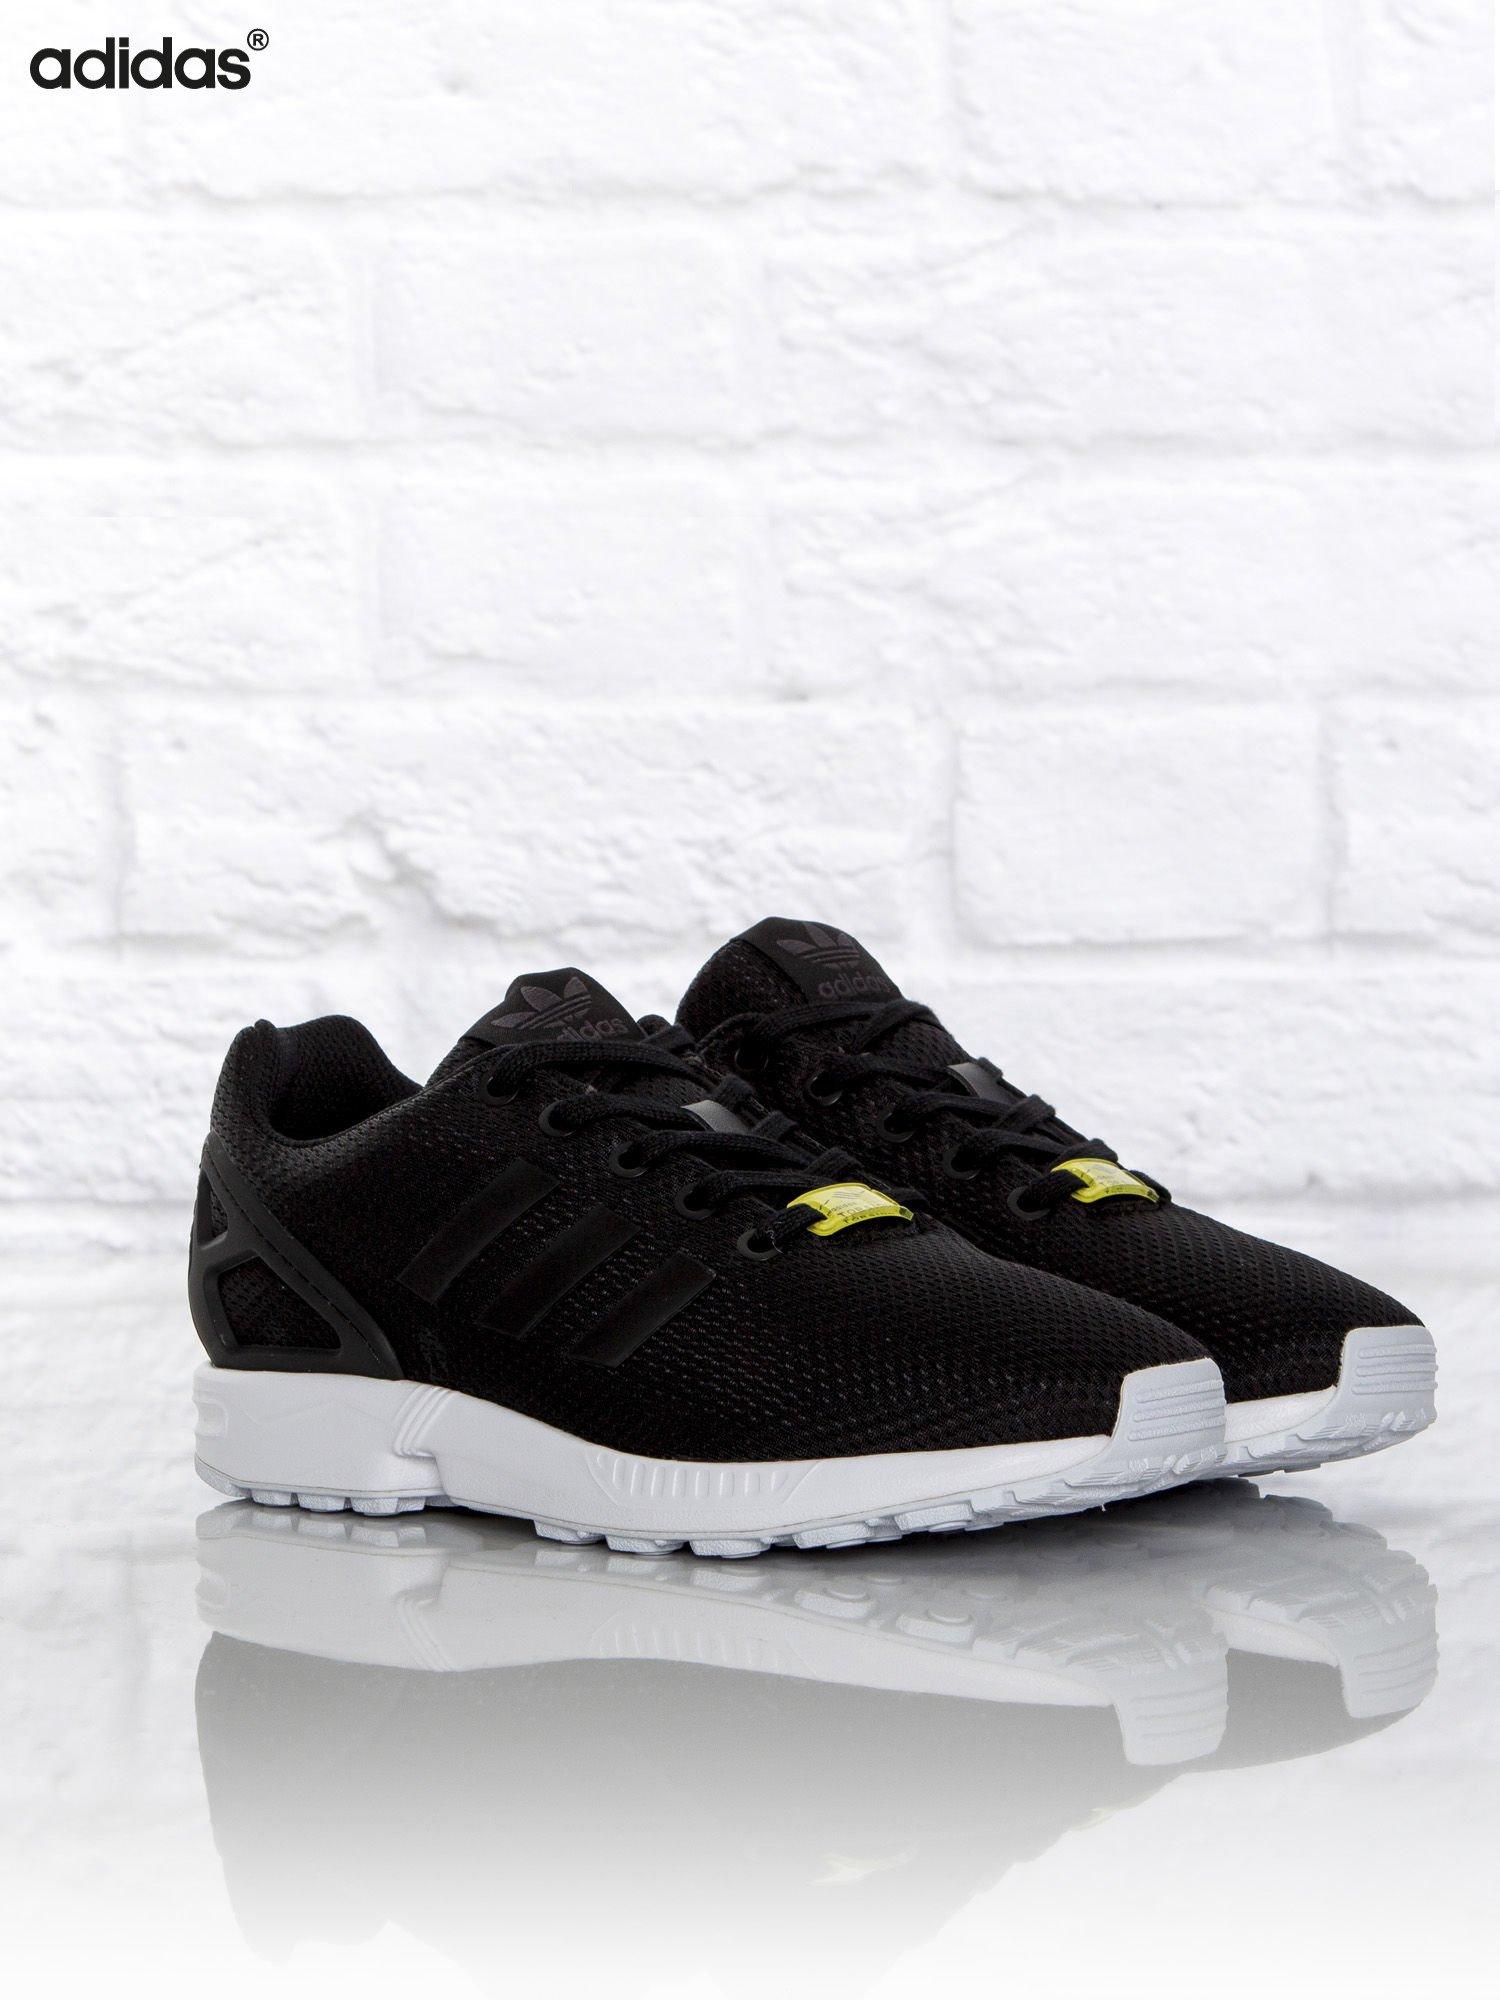 buty adidas damskie czarne tanie